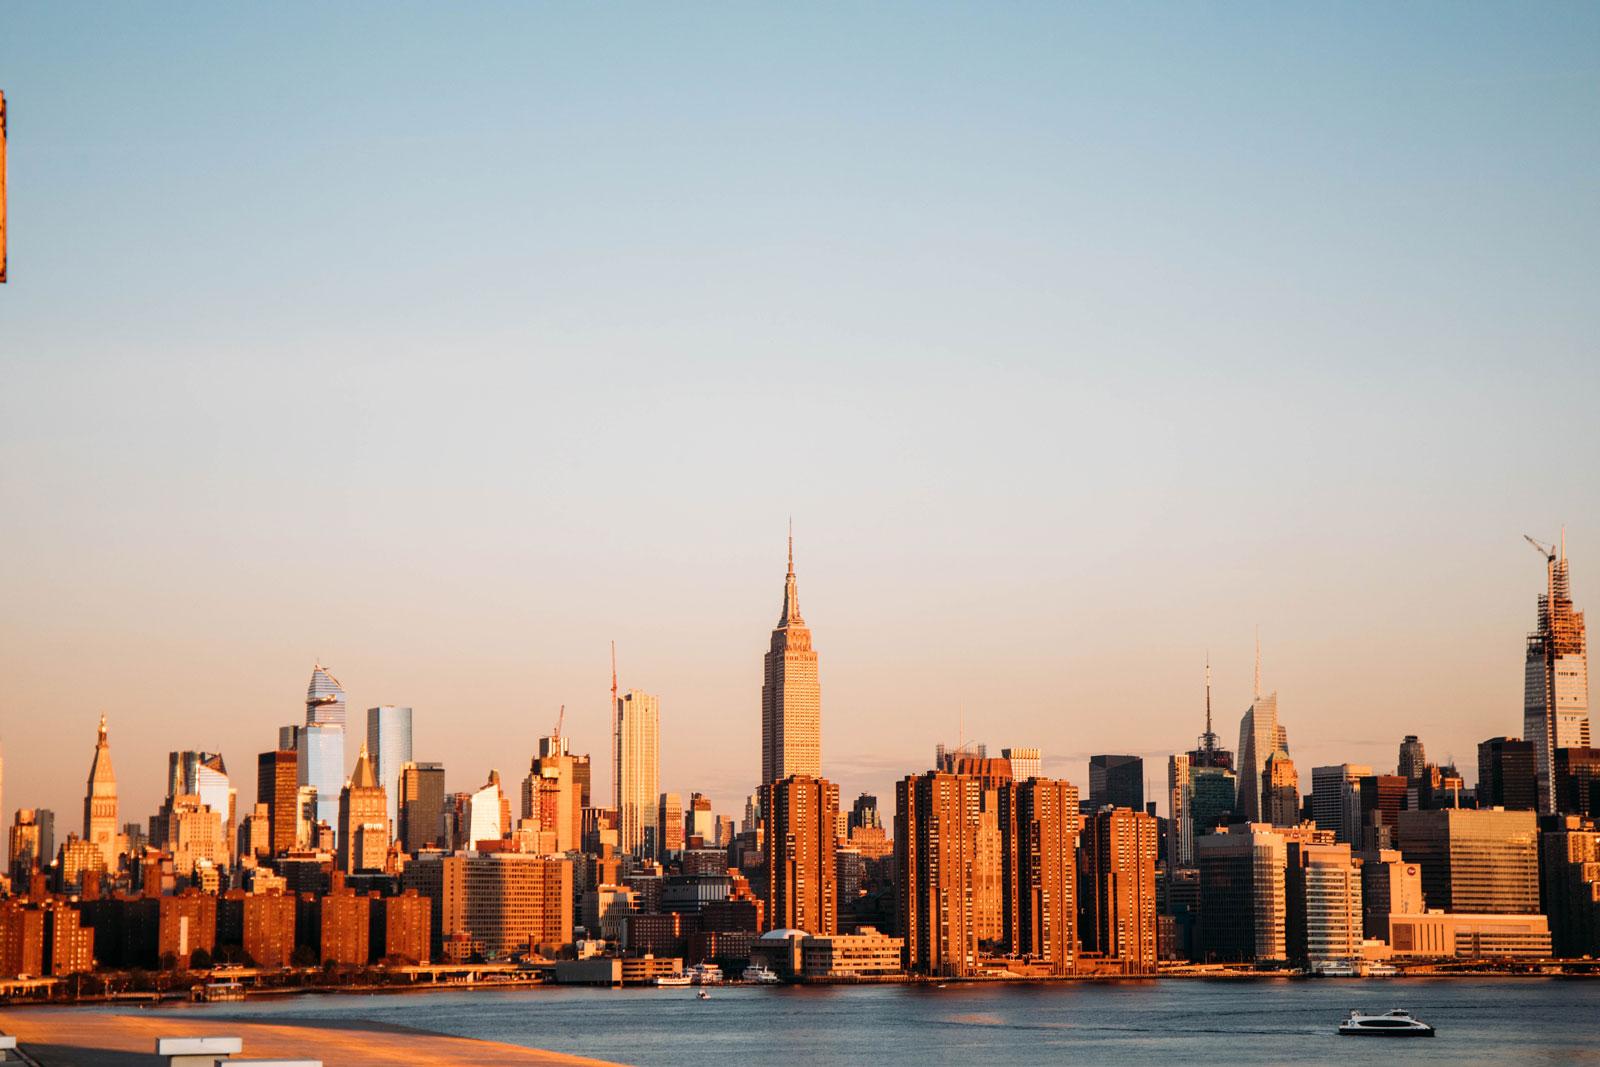 voyage new york trouver un hotel